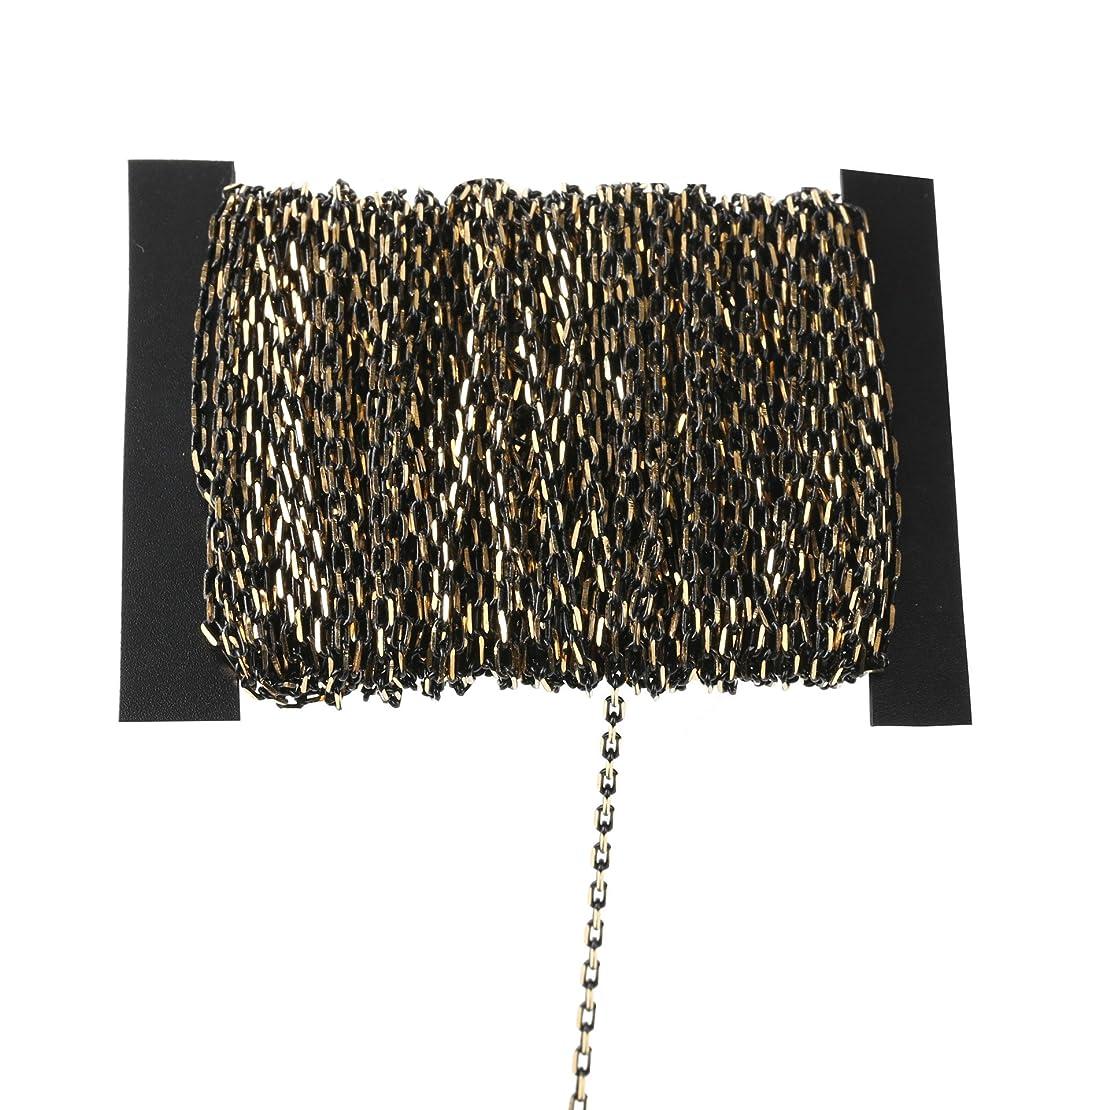 合わせてリテラシー株式会社10M銅ブラックダブルカラークロスチェーン - 2x4mmケーブルリンクチェーンDIY手作りジュエリーブレスレット鎖骨ネックレスのアクセサリーを作る